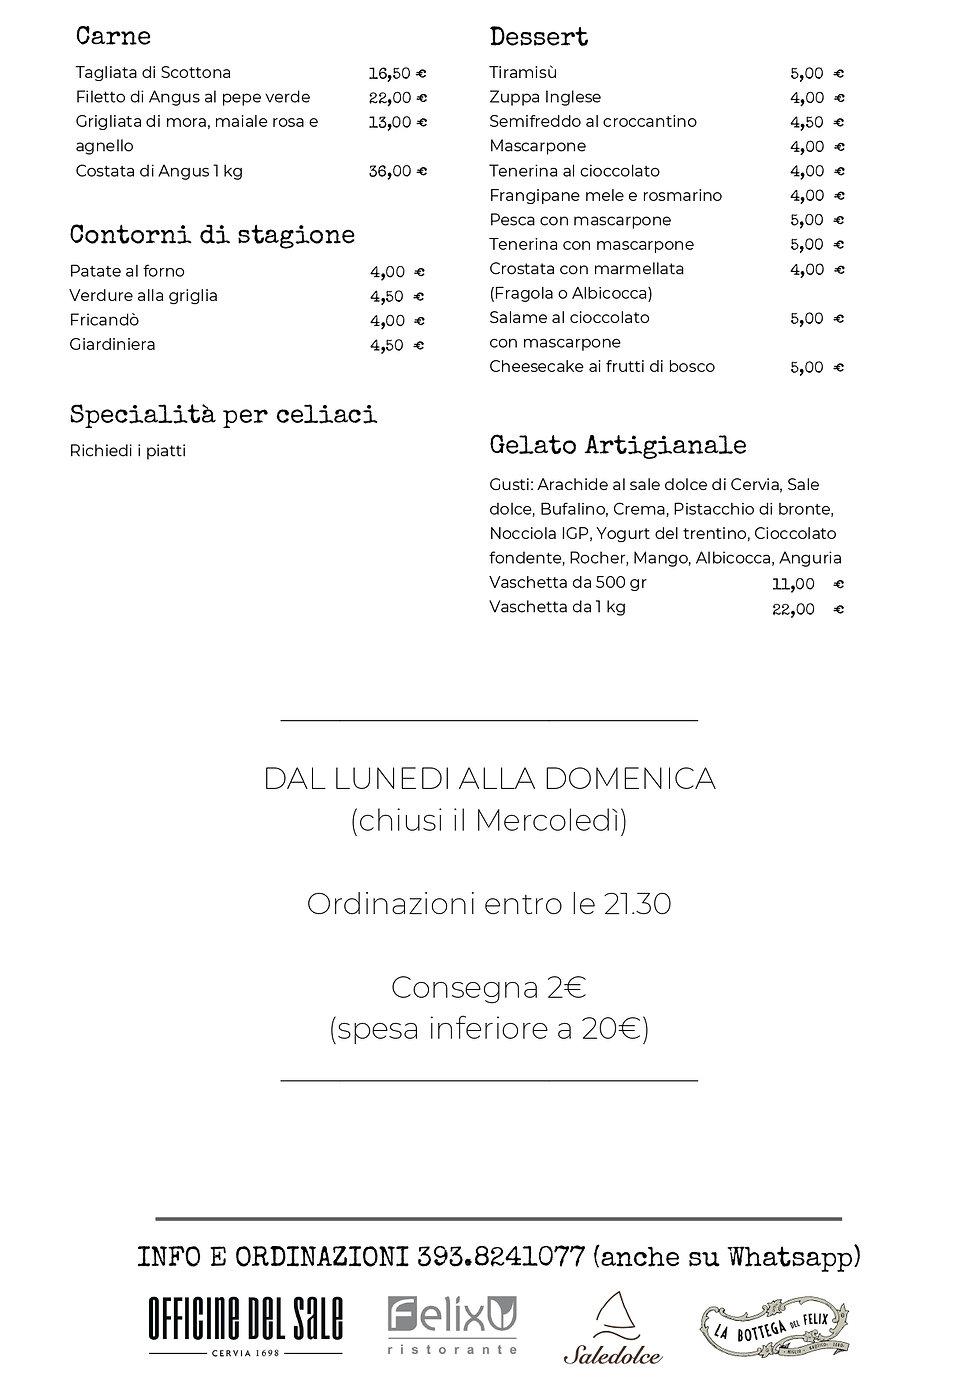 A4 MENU GK APRILE 2021 (1)_page-0003.jpg